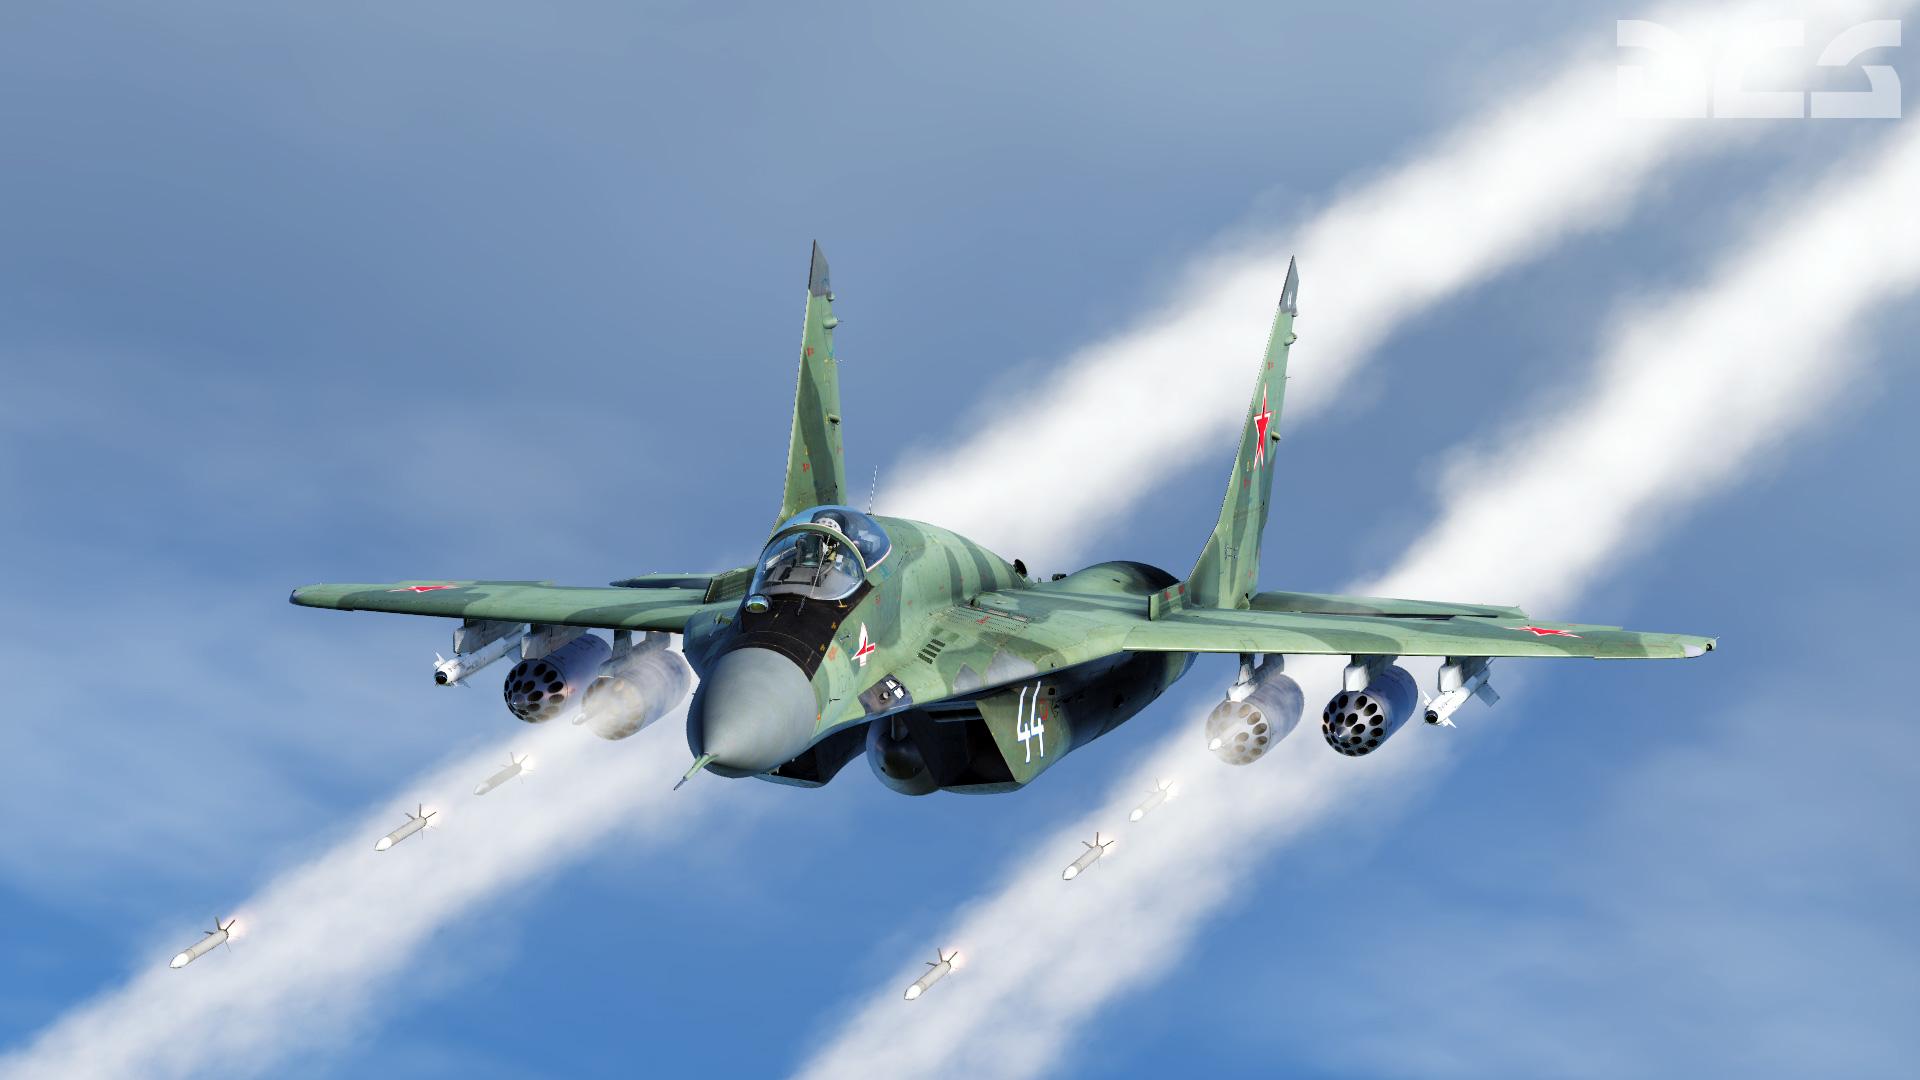 Обои Миг-29а, многоцелевой, истребитель, fulcrum. Авиация foto 18